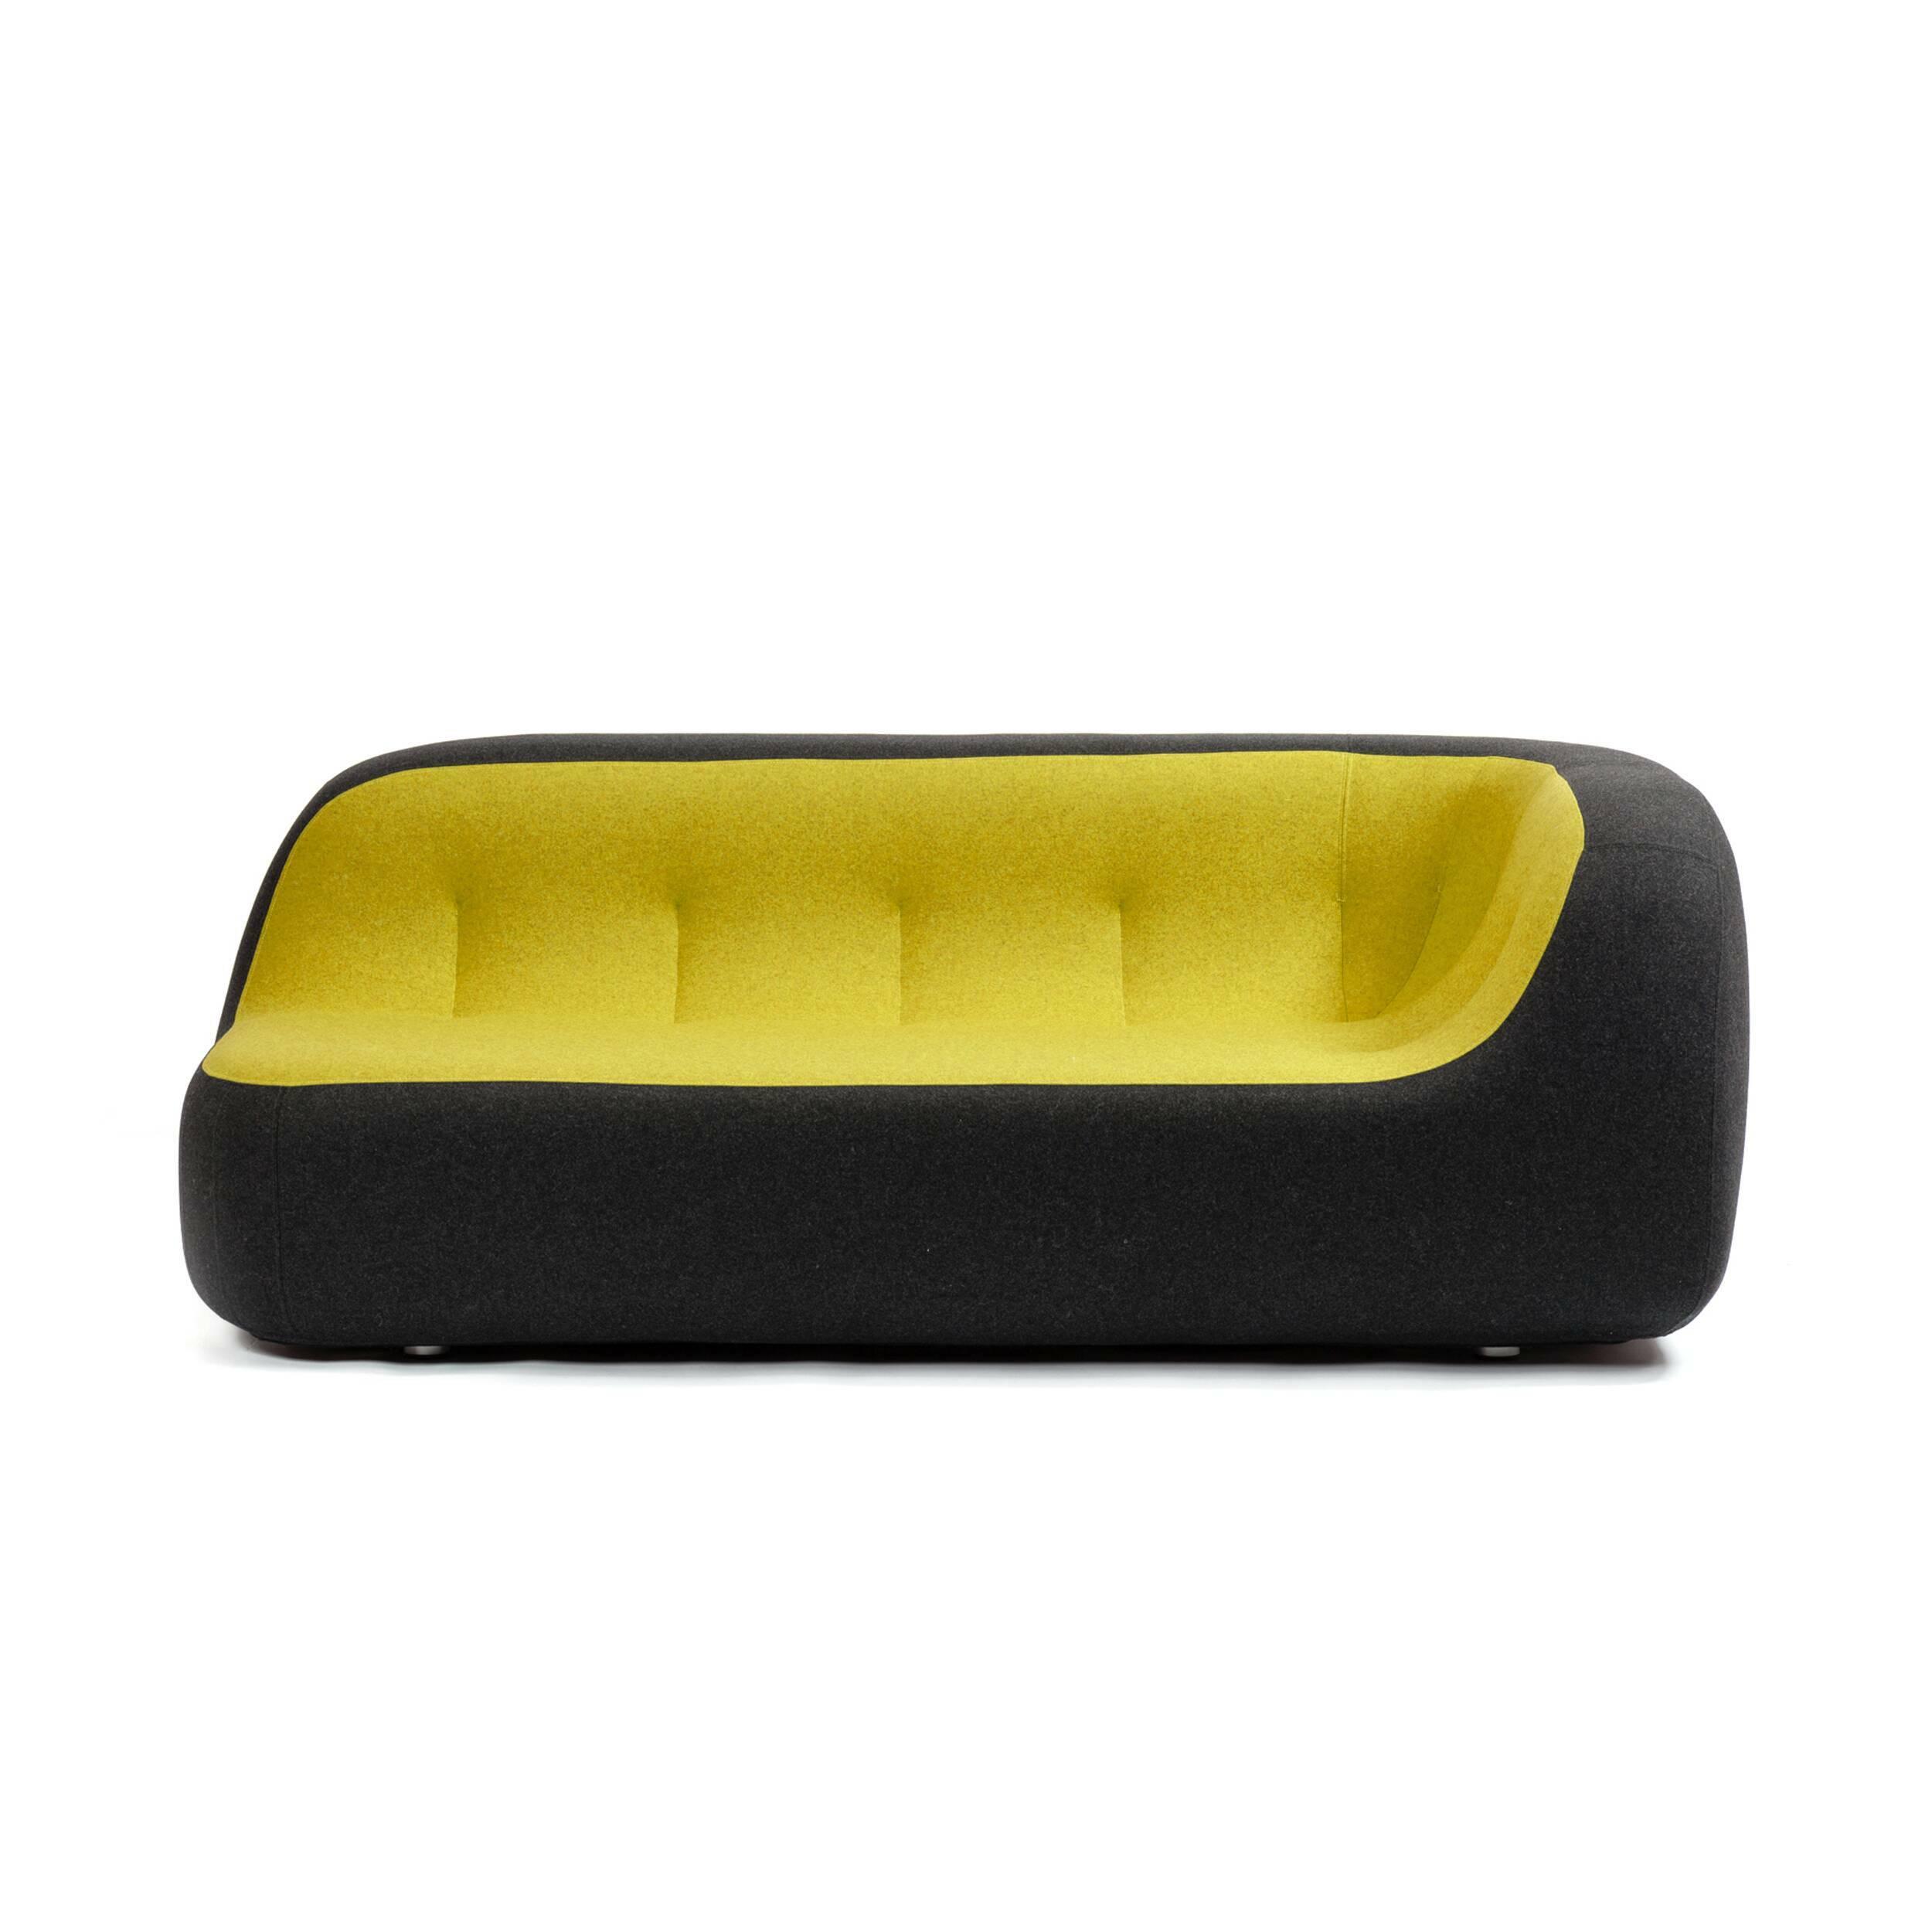 Диван SandДвухместные<br>Дизайнерский яркий креативный минималистичный диван Sand (Сенд) округлой формы от Softline (Софтлайн)<br><br> Диван Sand — это ультрасовременный дизайн, вдохновением для создания которого послужила сама природа. На его создание испанских дизайнеров Хосе Эстебана и Хавьера Морено вдохновила вода, которая в течение долгого времени шлифует и изменяет камни, лежащие на ее пути, и постоянно создает новые формы.<br><br><br> Хосе Эстебан начал свою карьеру в 1992 году сразу в нескольких различных направлениях...<br><br>stock: 0<br>Высота: 71<br>Высота сиденья: 36<br>Глубина: 100<br>Длина: 190<br>Материал обивки: Хлопок, Полиэстер<br>Цвет обивки дополнительный: Желтый<br>Коллекция ткани: Felt<br>Тип материала обивки: Ткань<br>Цвет обивки: Темно-серый